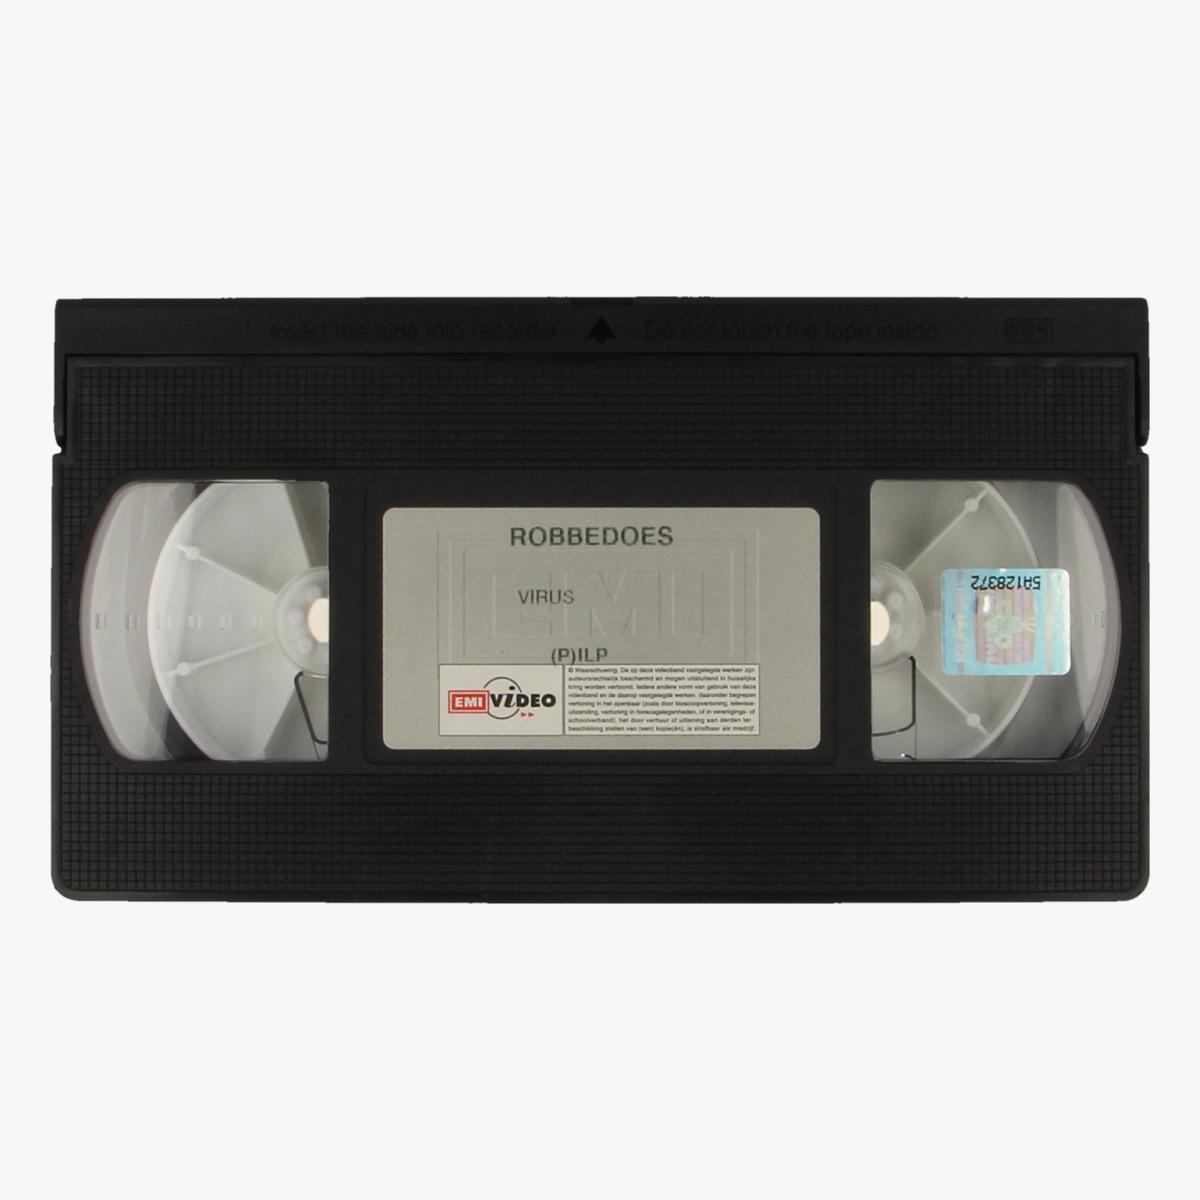 Afbeeldingen van Videocassette Robbedoes Virus